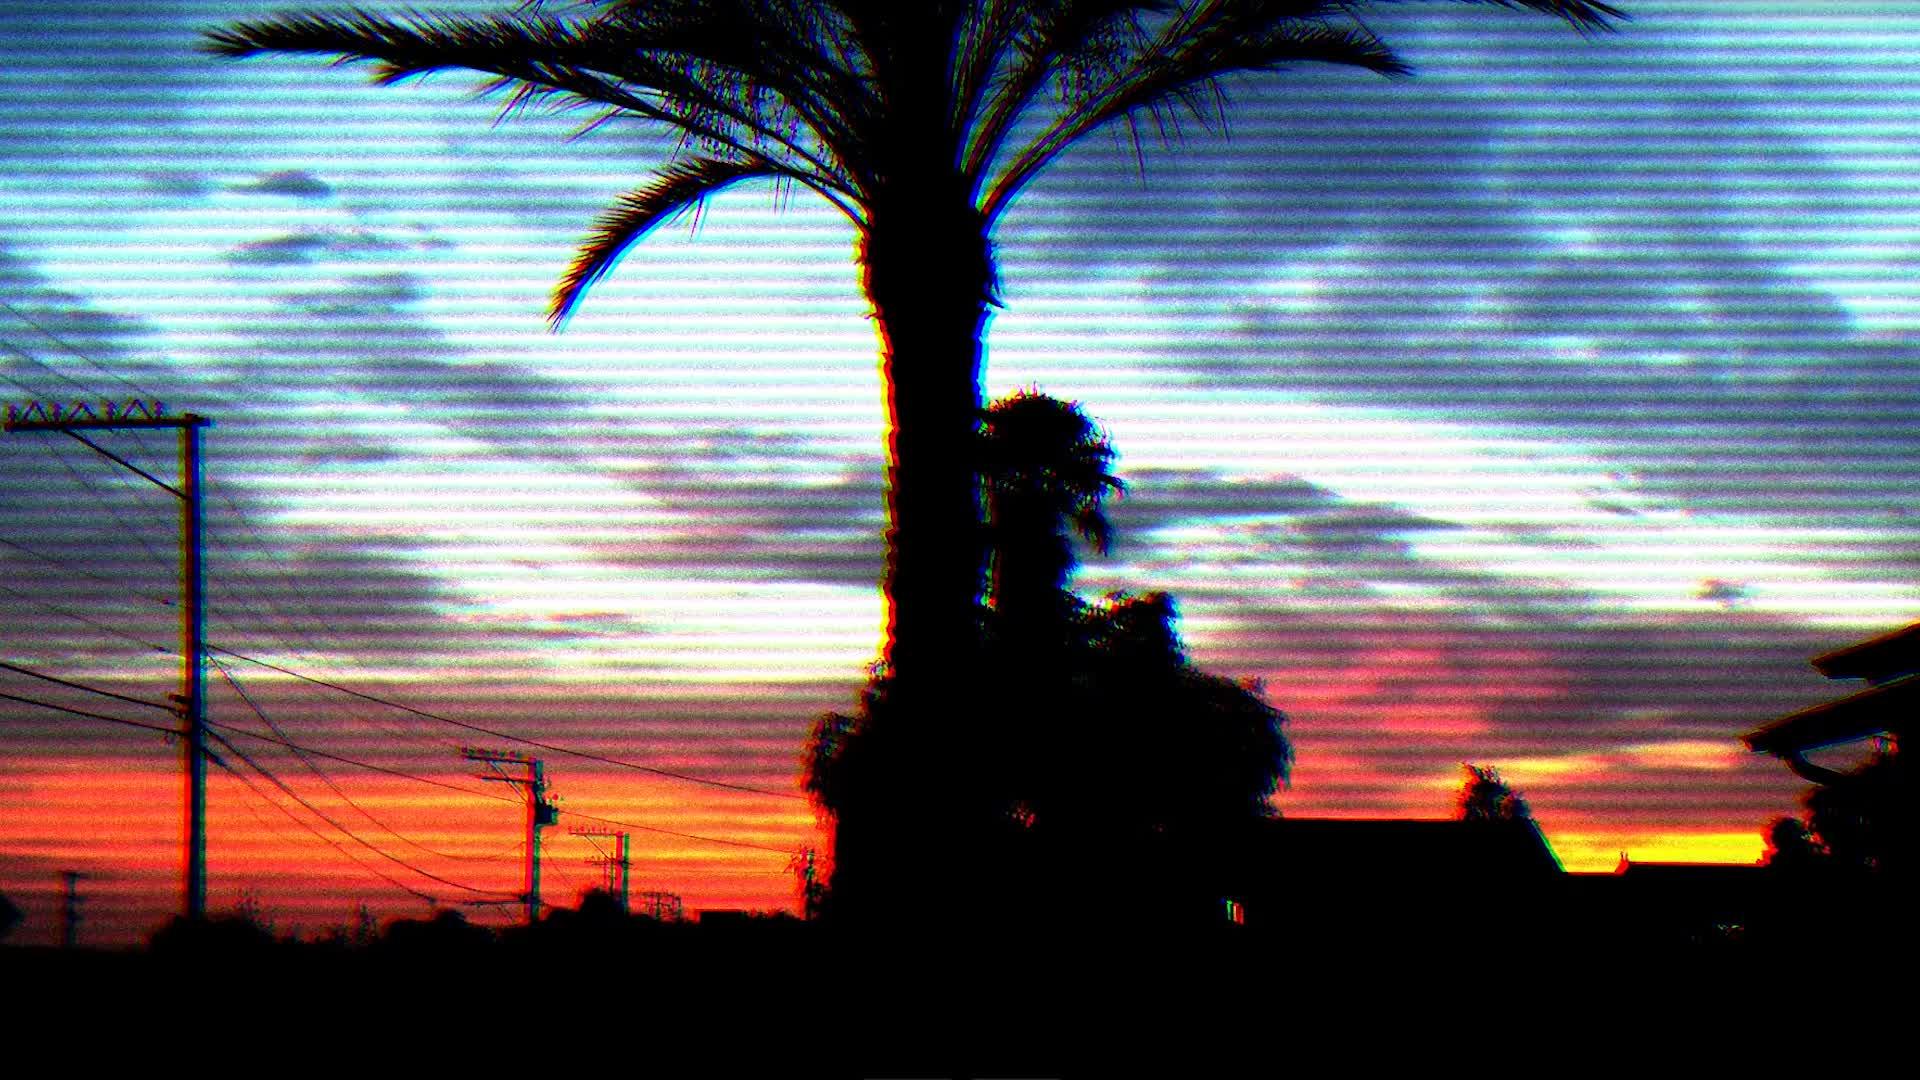 vaporwave outrun california, outrun california_1 GIFs